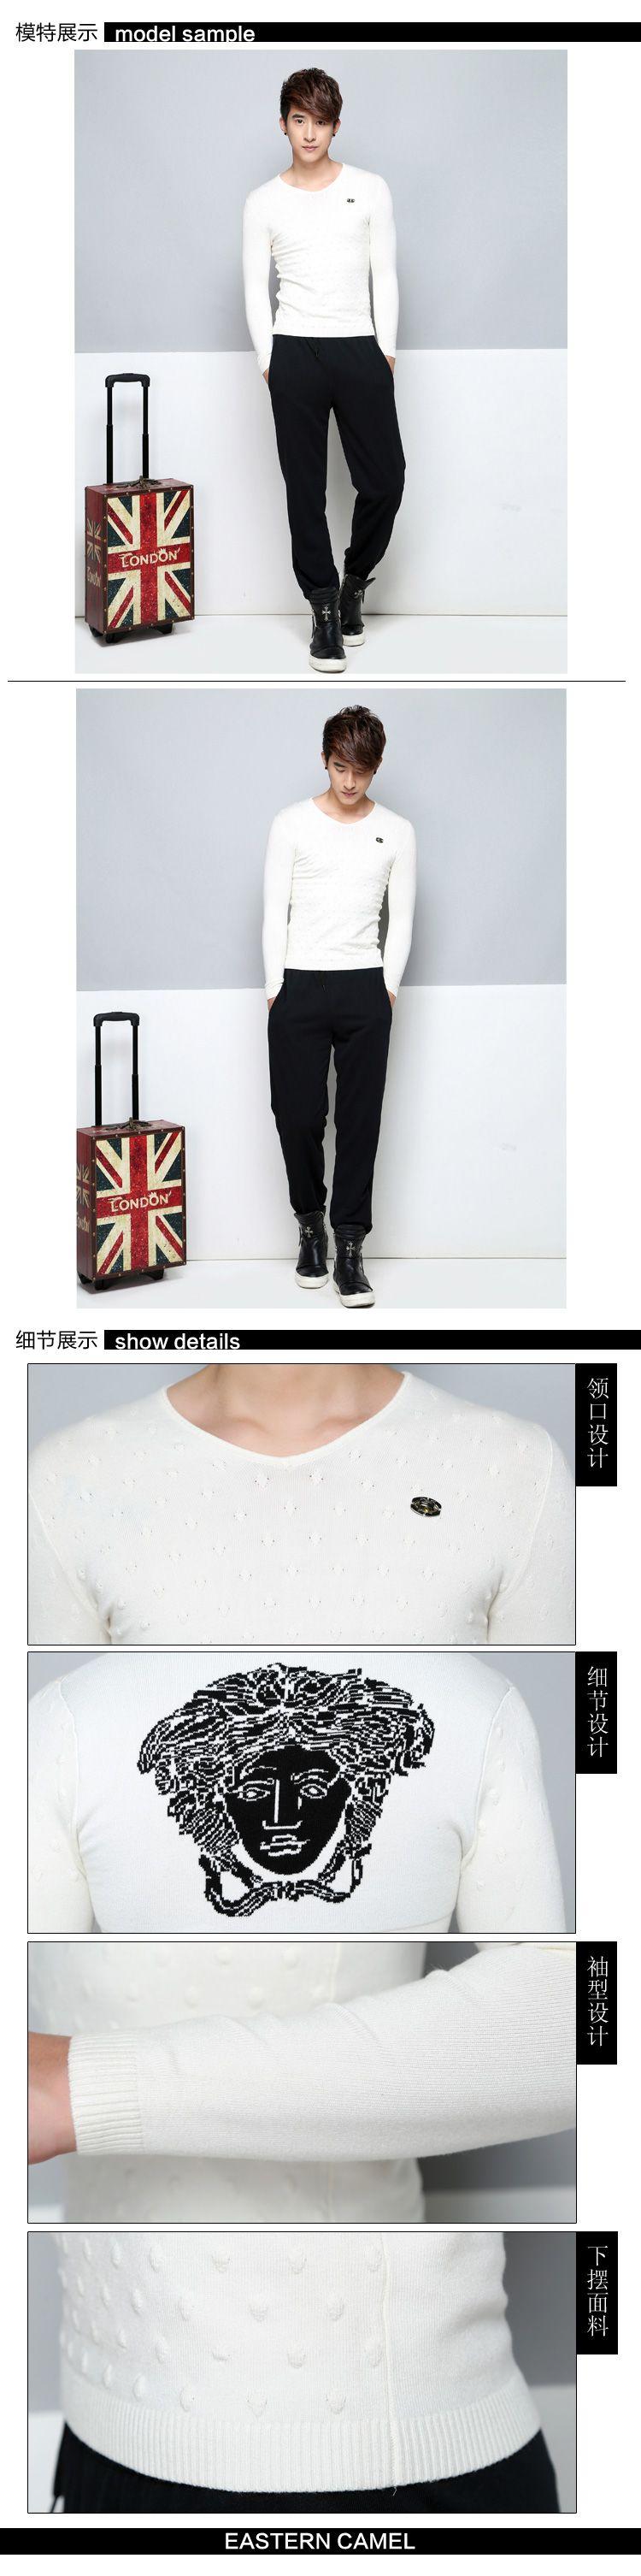 东方骆驼 商品名称: v领纯色毛衣 商品分类: 男式毛衣 产地: 中国 材